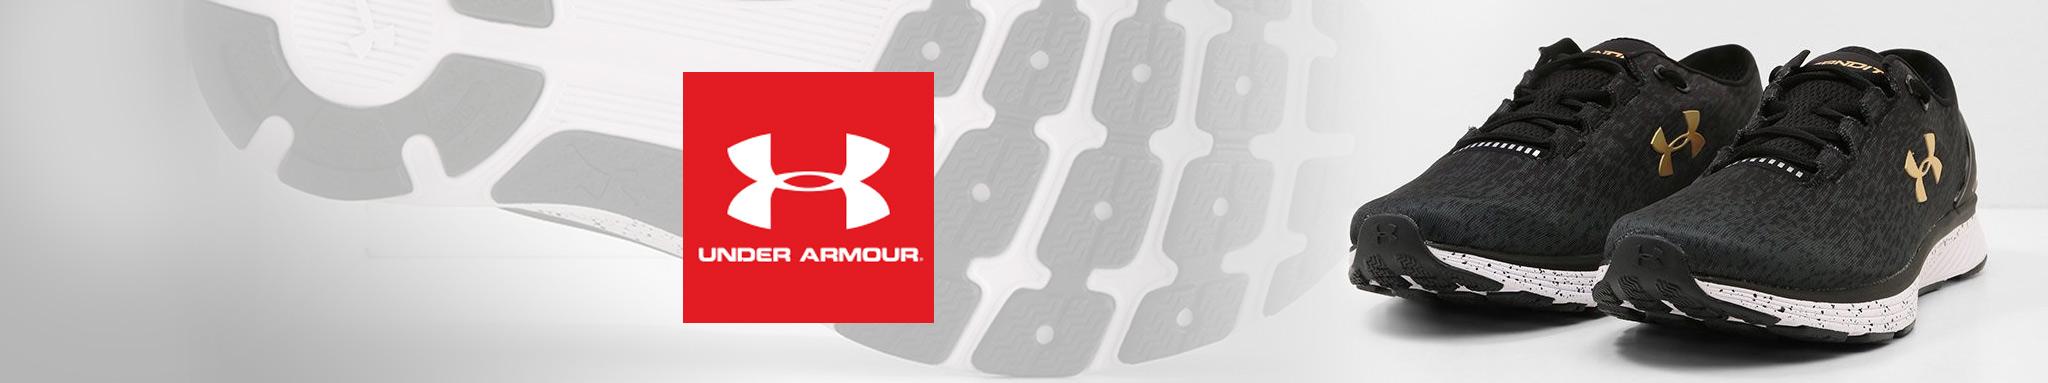 Under Armour : vêtements, équipements & accessoires de la marque Under Armour | Dragon Bleu